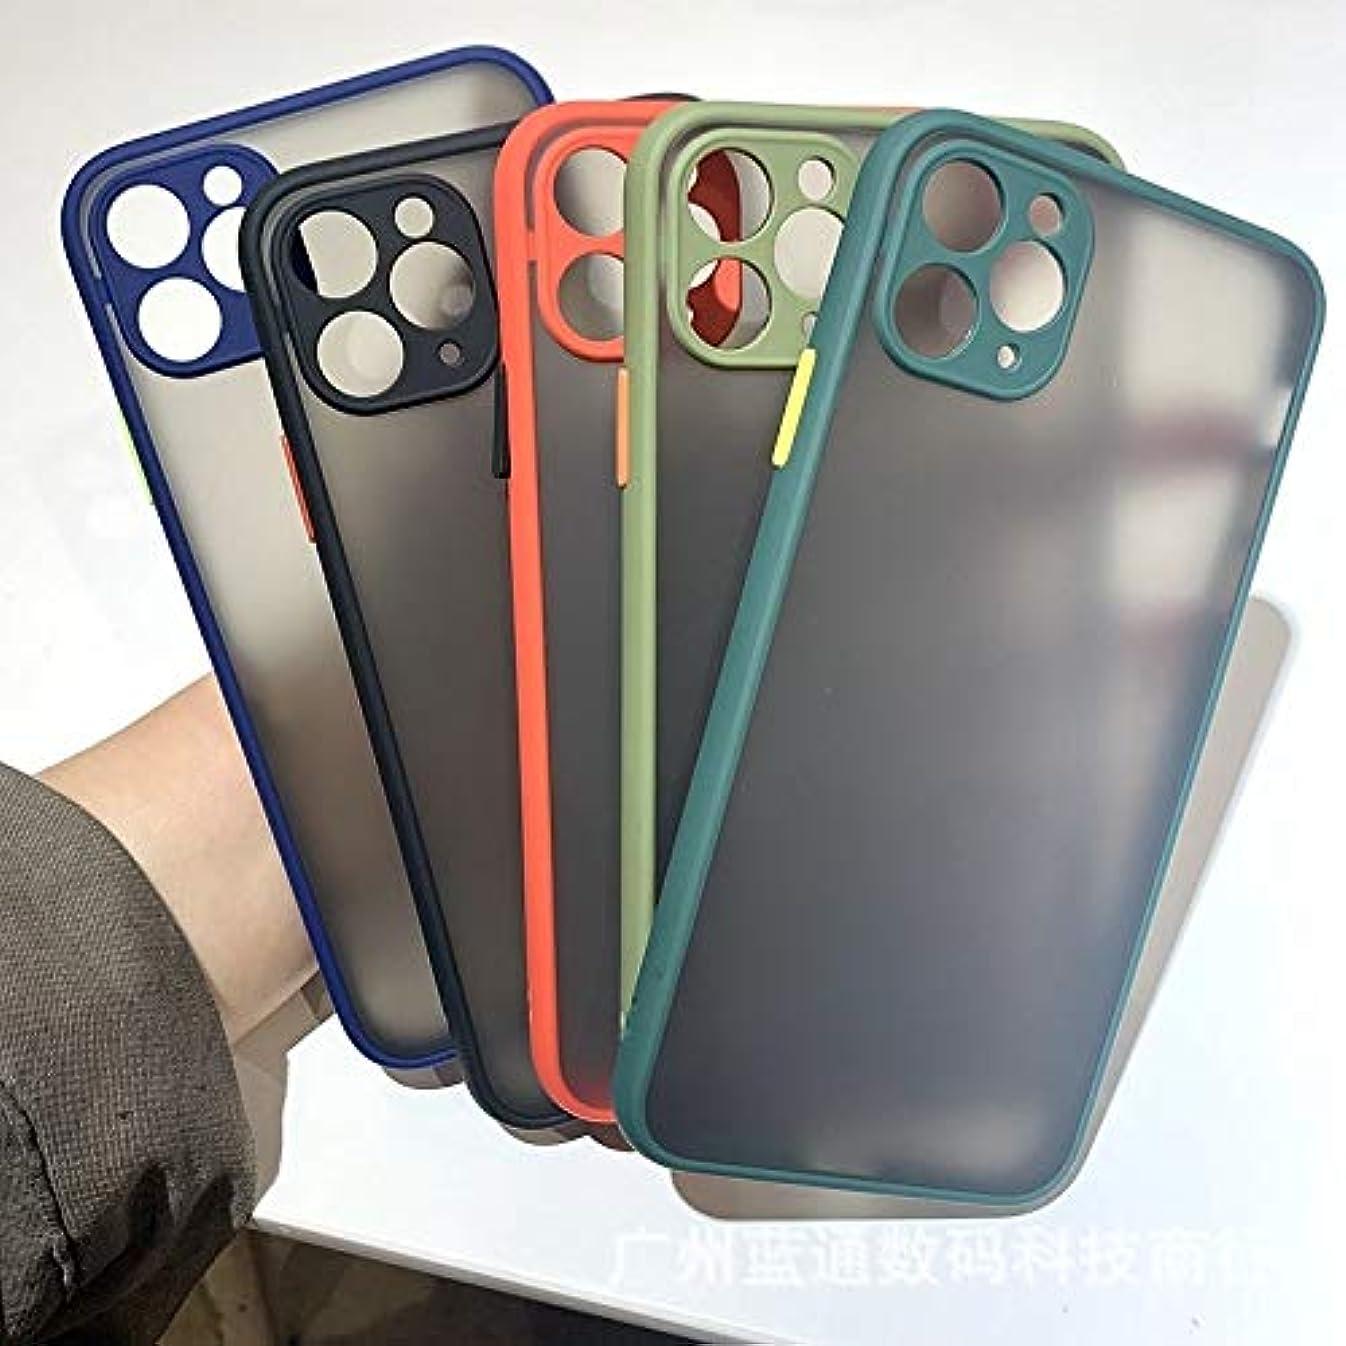 俳句パッチ読み書きのできないA IPhone11 6.1皮膚検知の携帯電話ケースiPhoneXR細孔保護スリーブ7G場合に適して B (Color : Deep red, Size : IPhone6/6S)